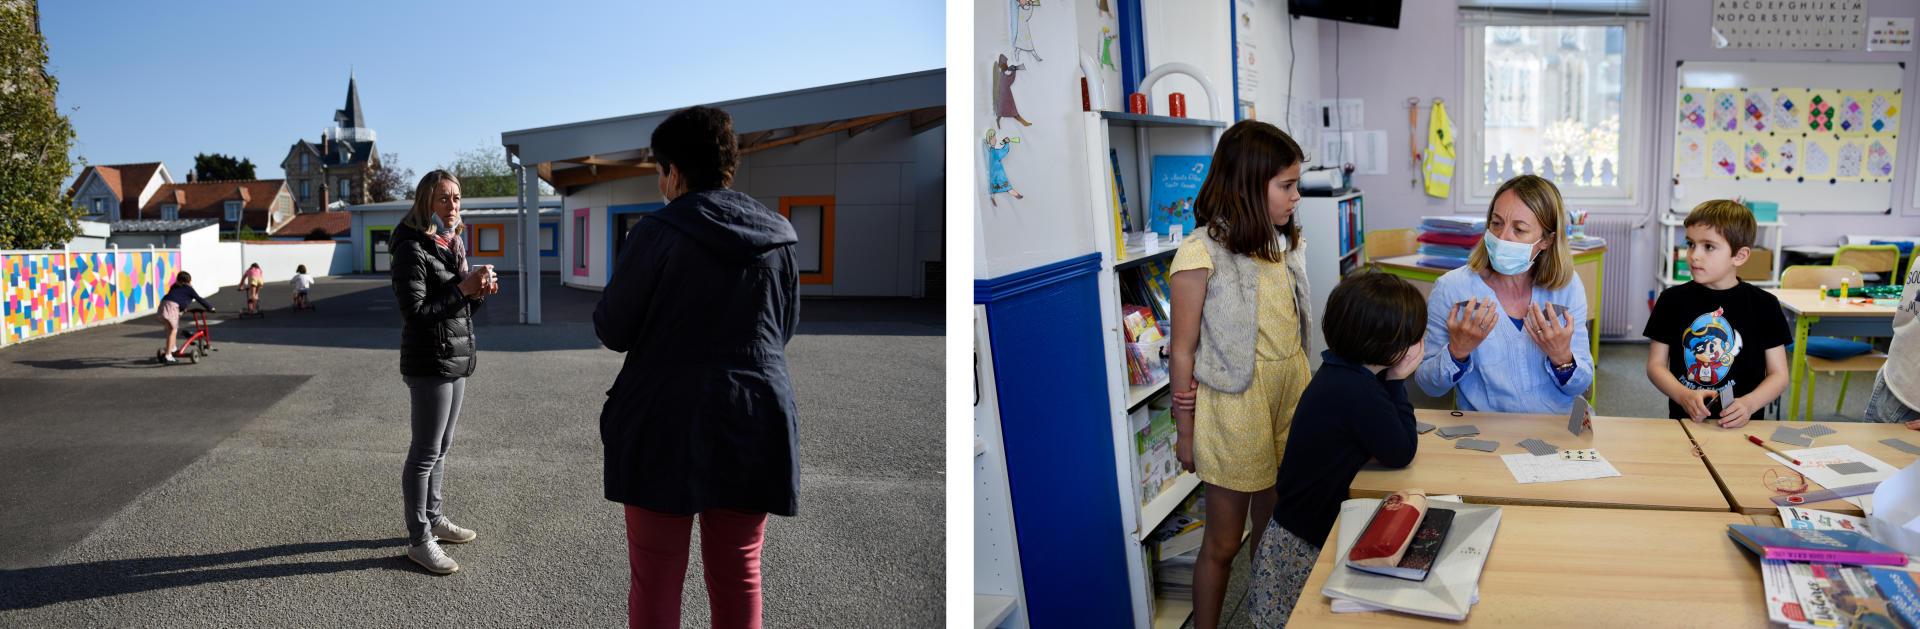 Dans la cour, Isabelle et la directrice restent éloignées. Dans la salle de classe, il est plus difficile de faire garder la distance aux enfants.